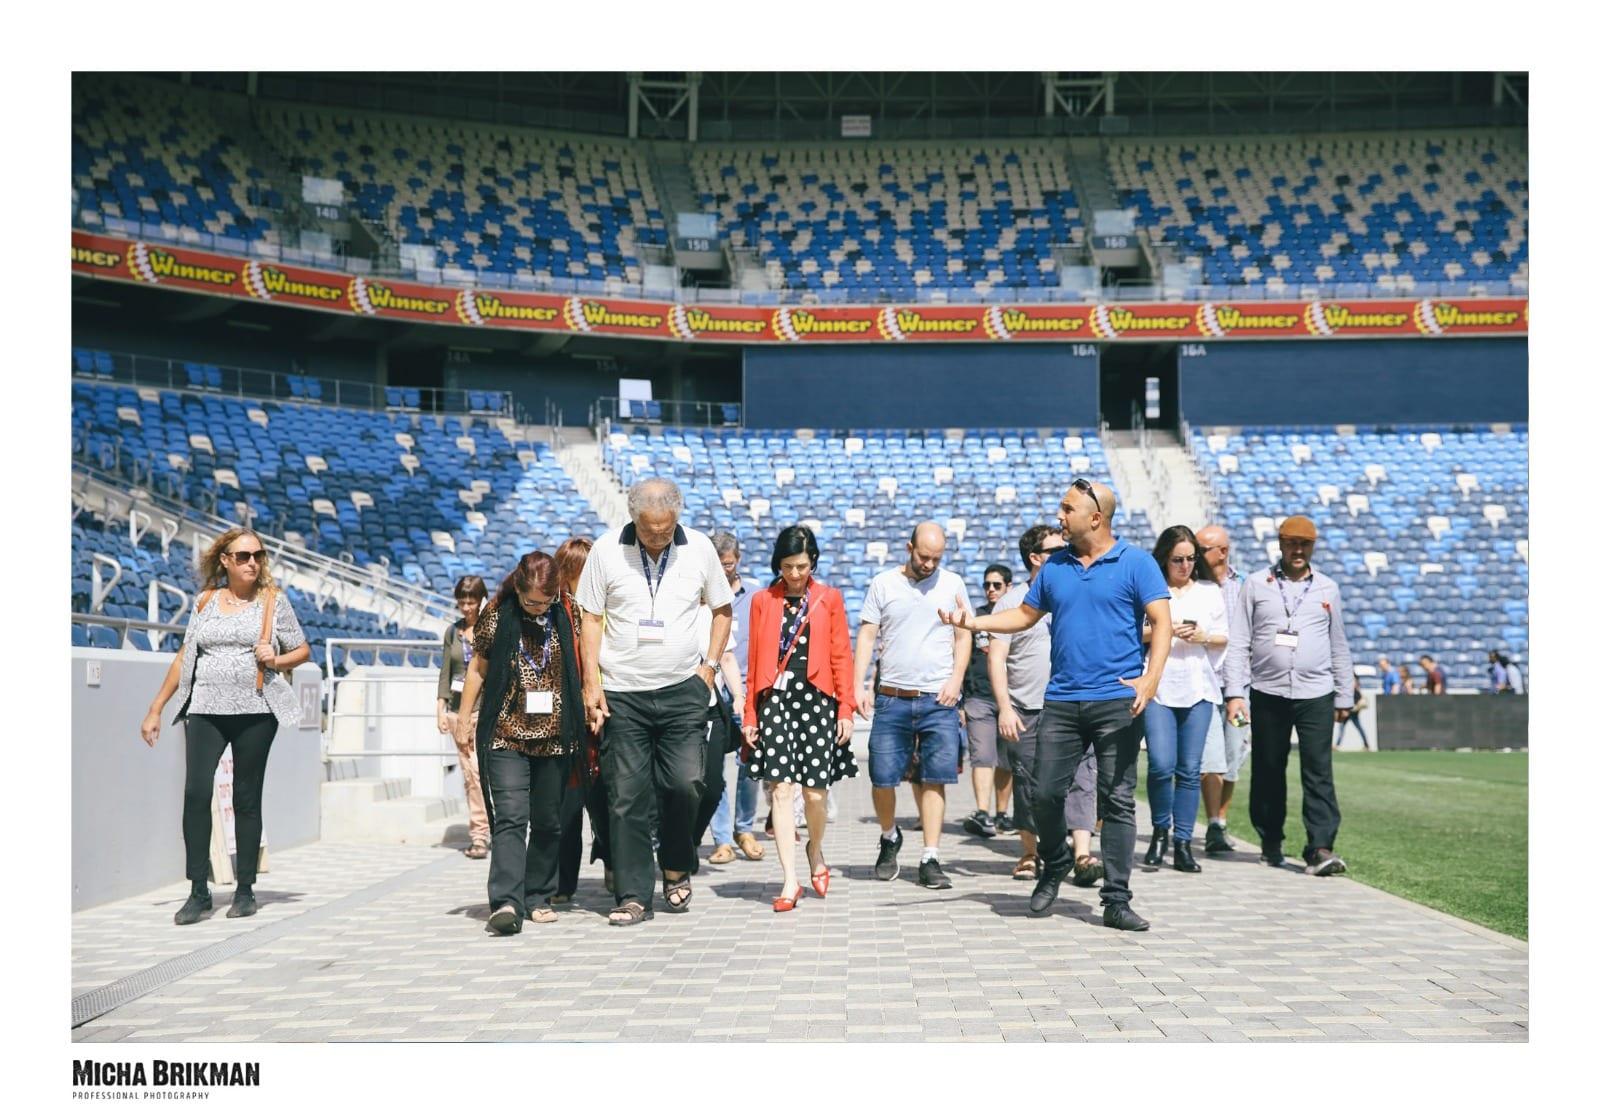 סיור סביב כר הדשא באצטדיון